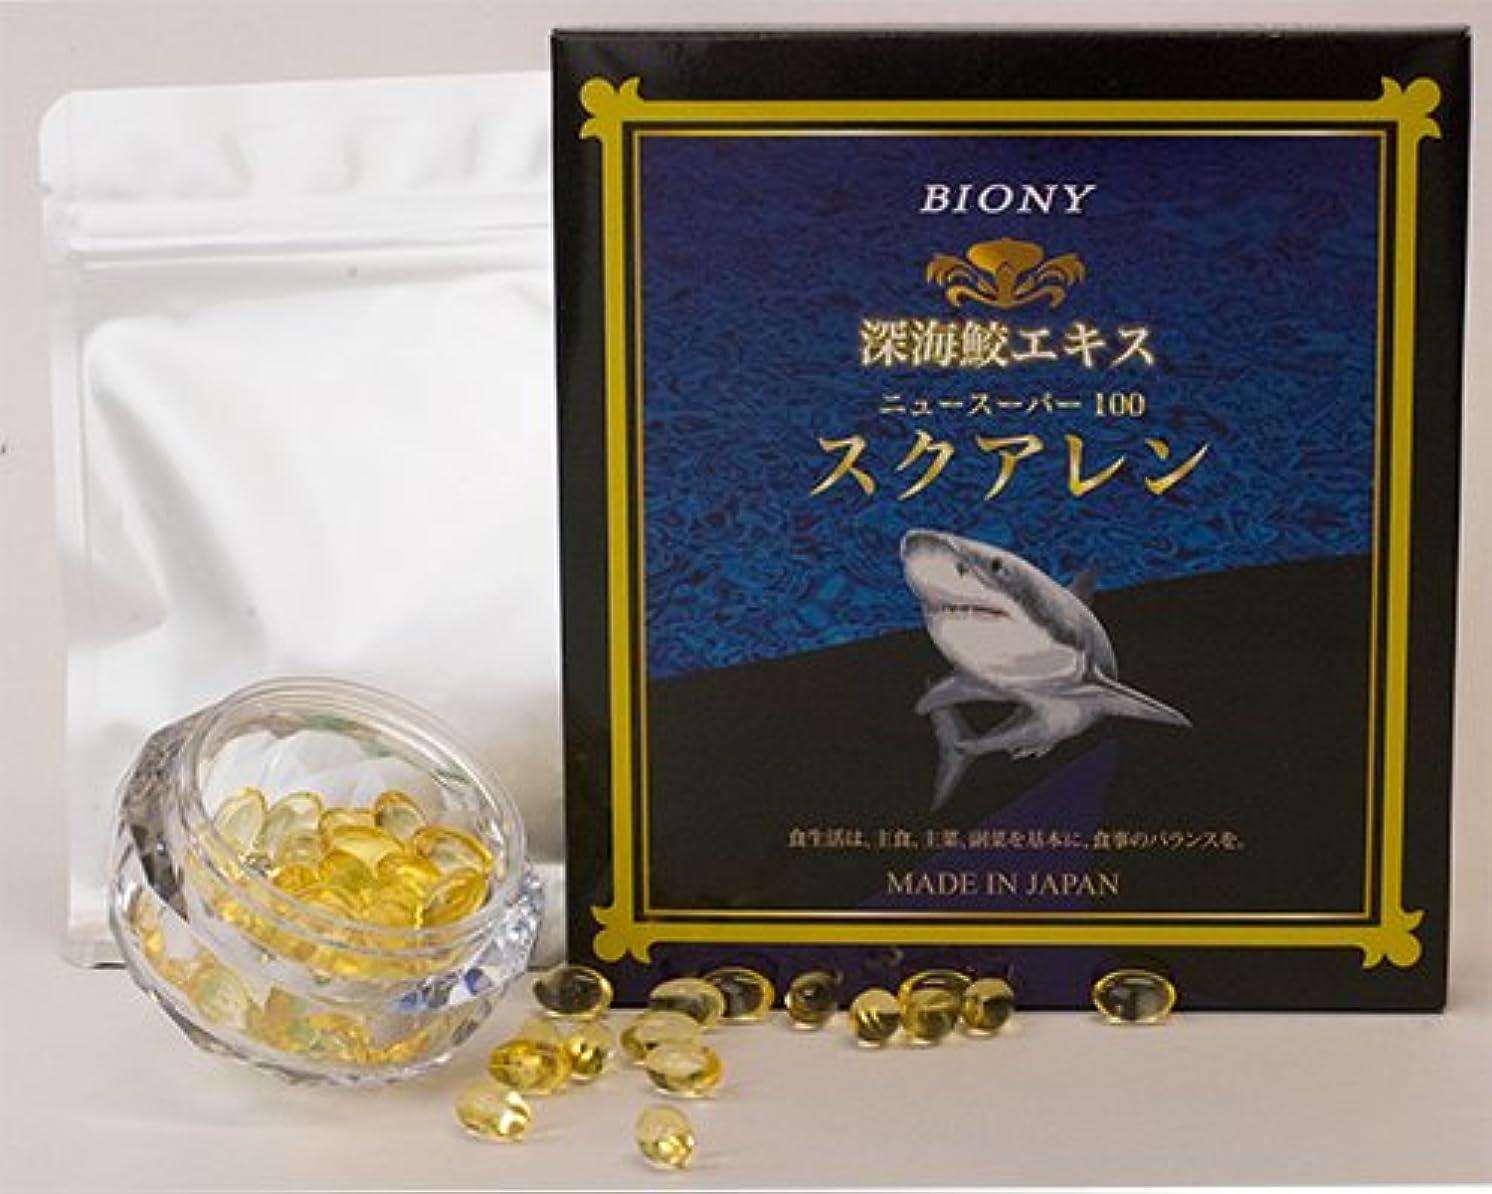 典型的なクリエイティブリアル深海鮫エキス スクアレン(アルミパウチ)110粒